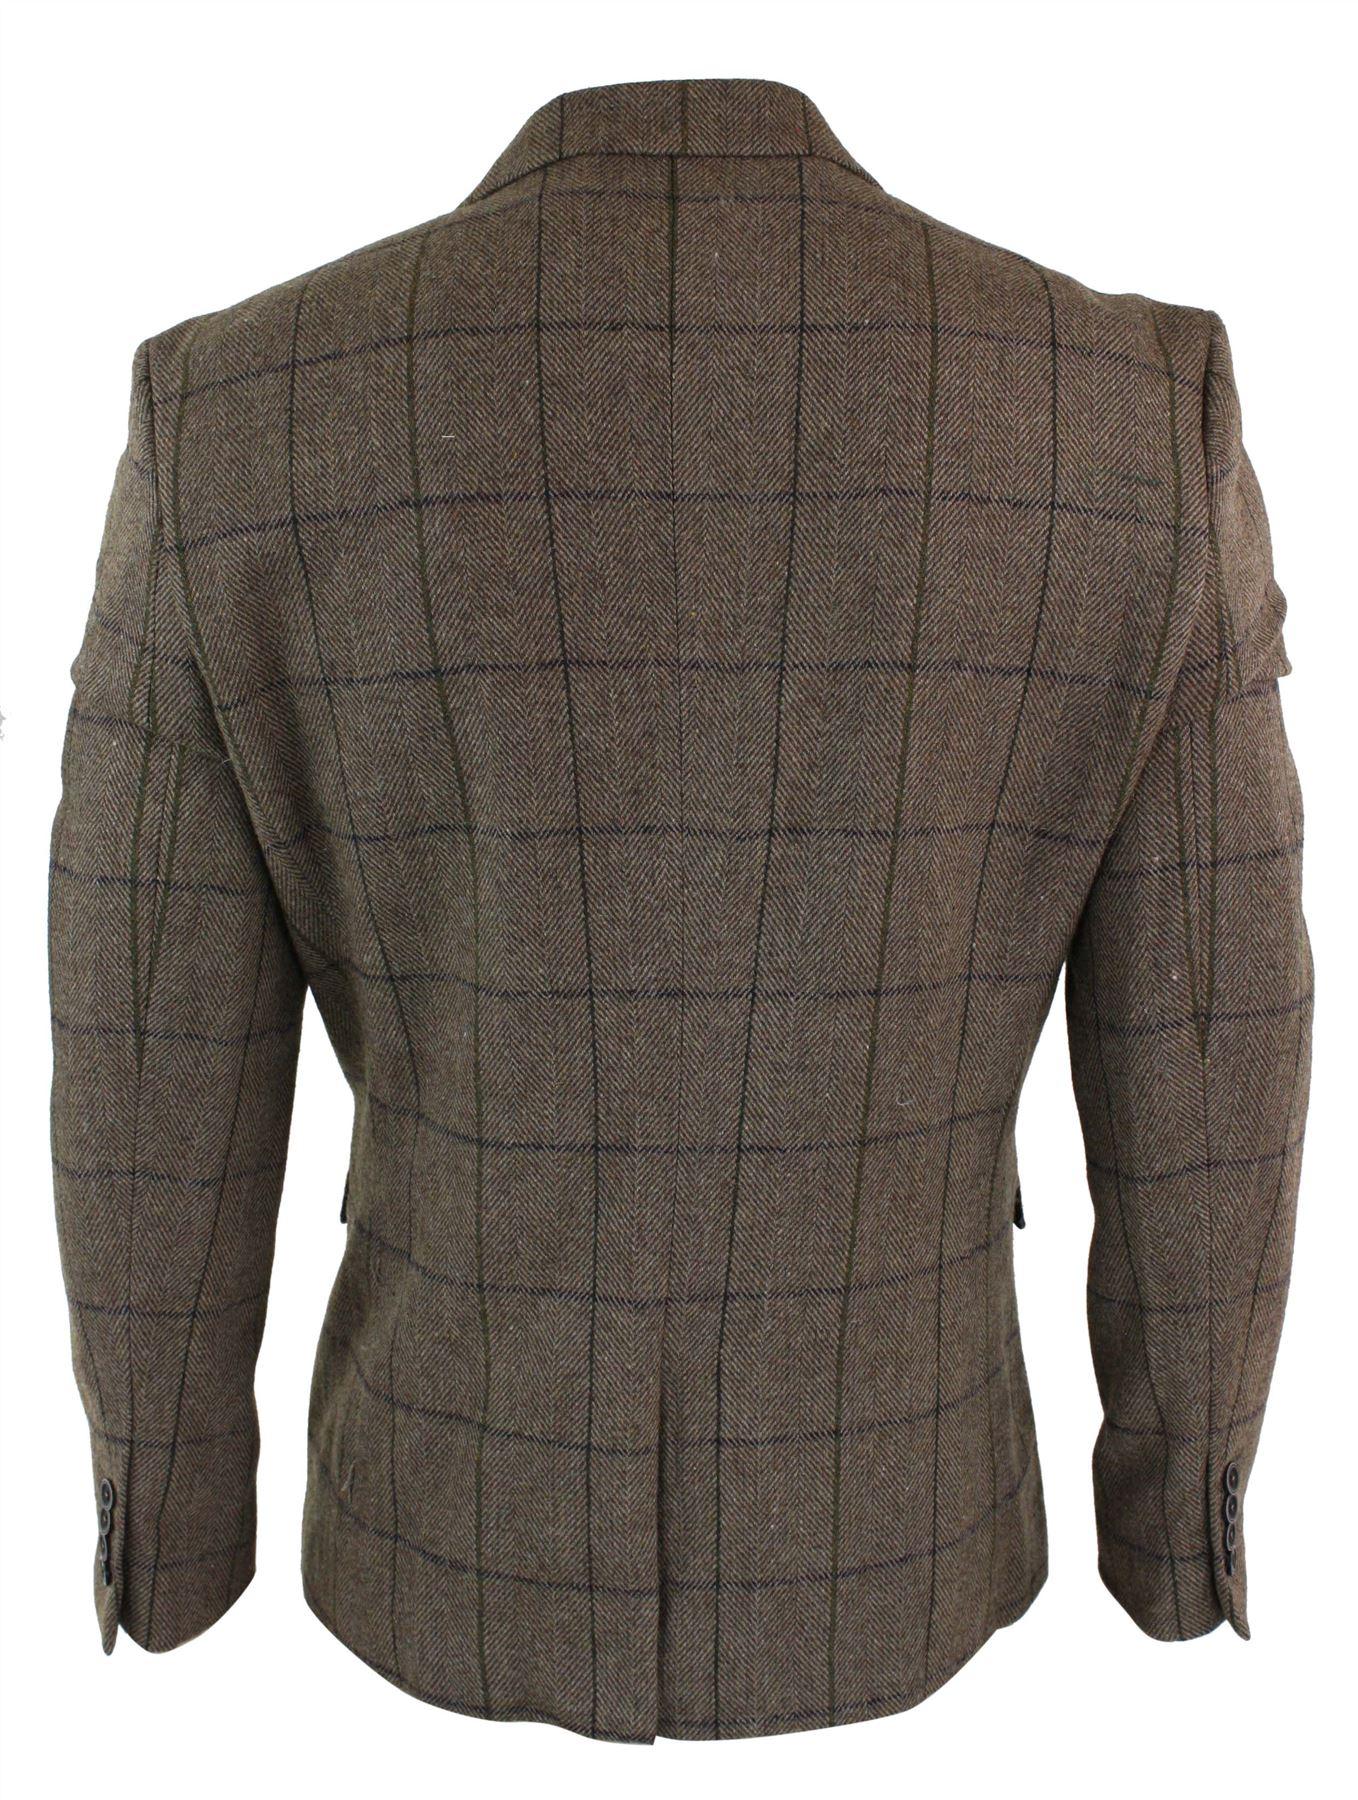 veste homme tweed chevrons marron vintage carreaux bleu marine blazer ebay. Black Bedroom Furniture Sets. Home Design Ideas